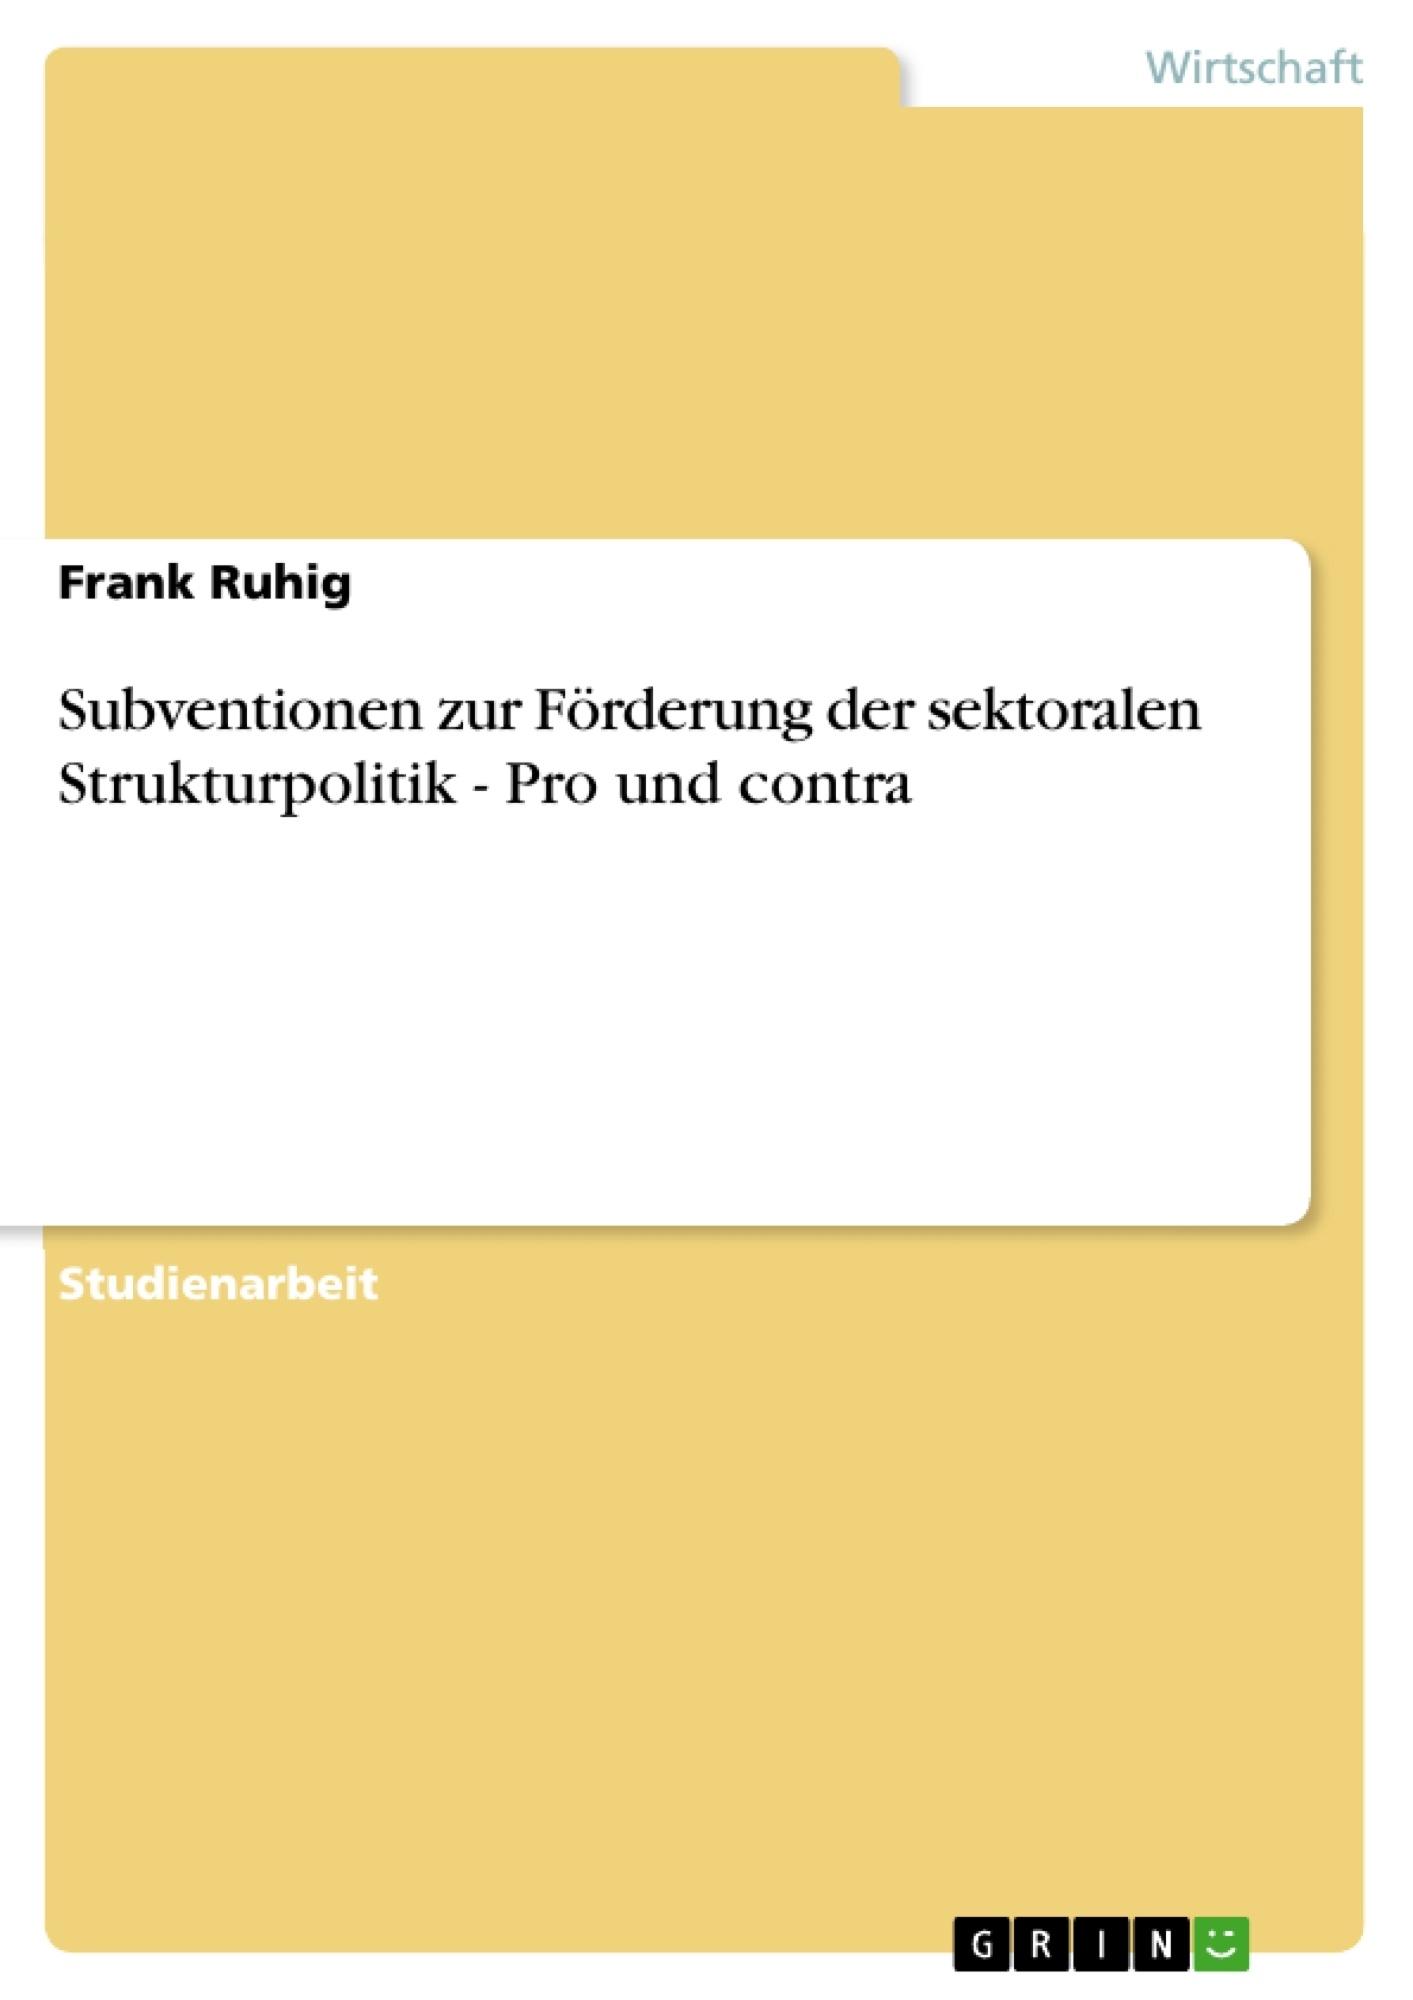 Titel: Subventionen zur Förderung der sektoralen Strukturpolitik - Pro und contra